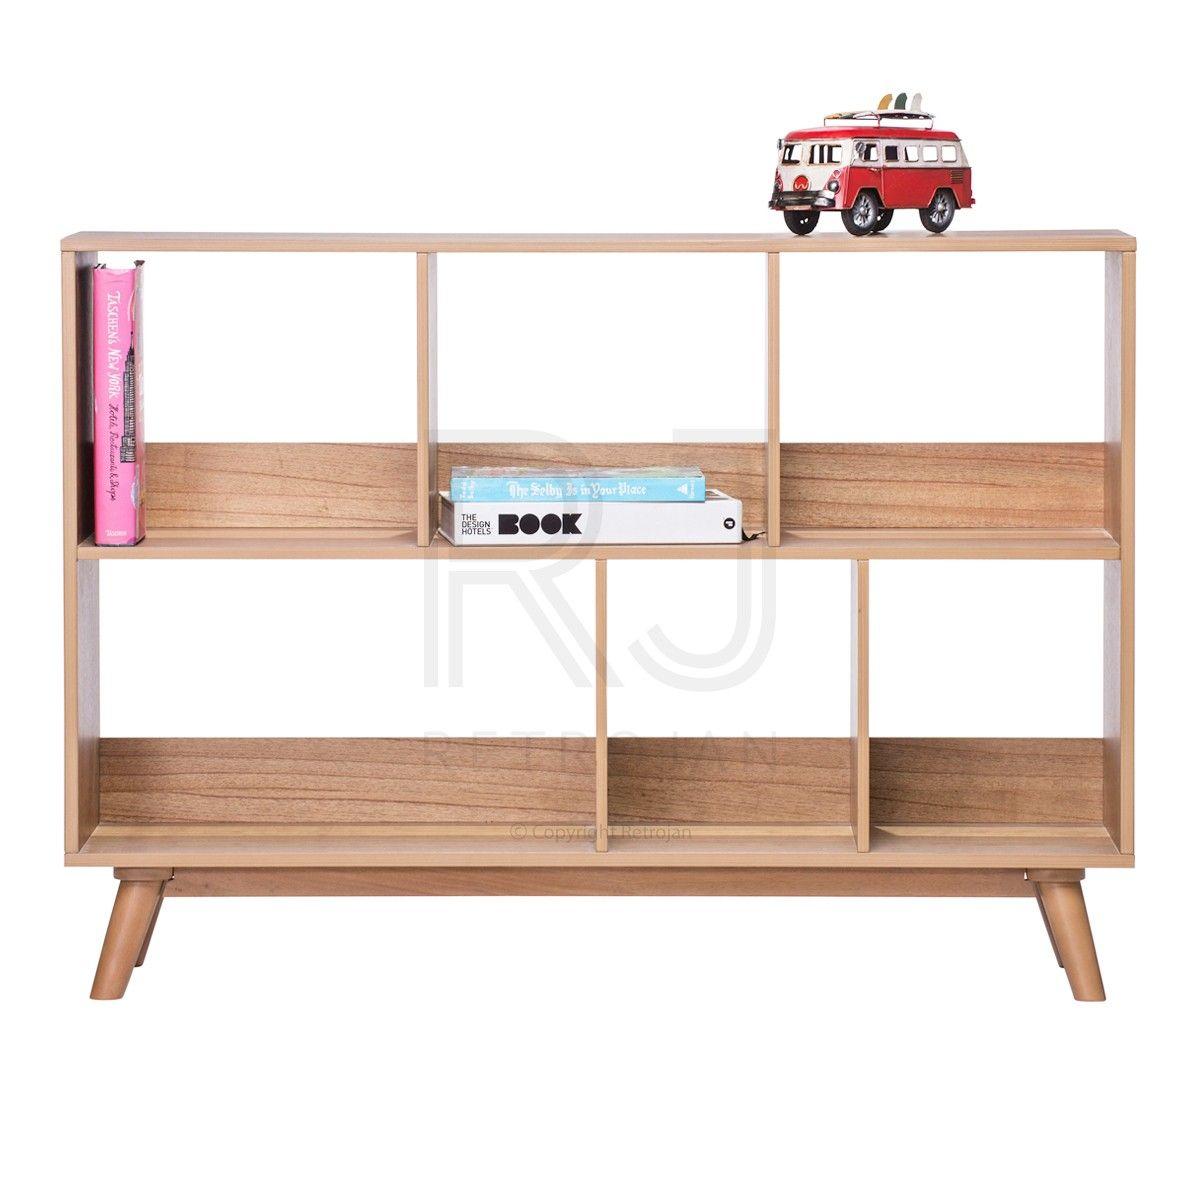 Haakon Scandinavian Style Bookshelf 699 00